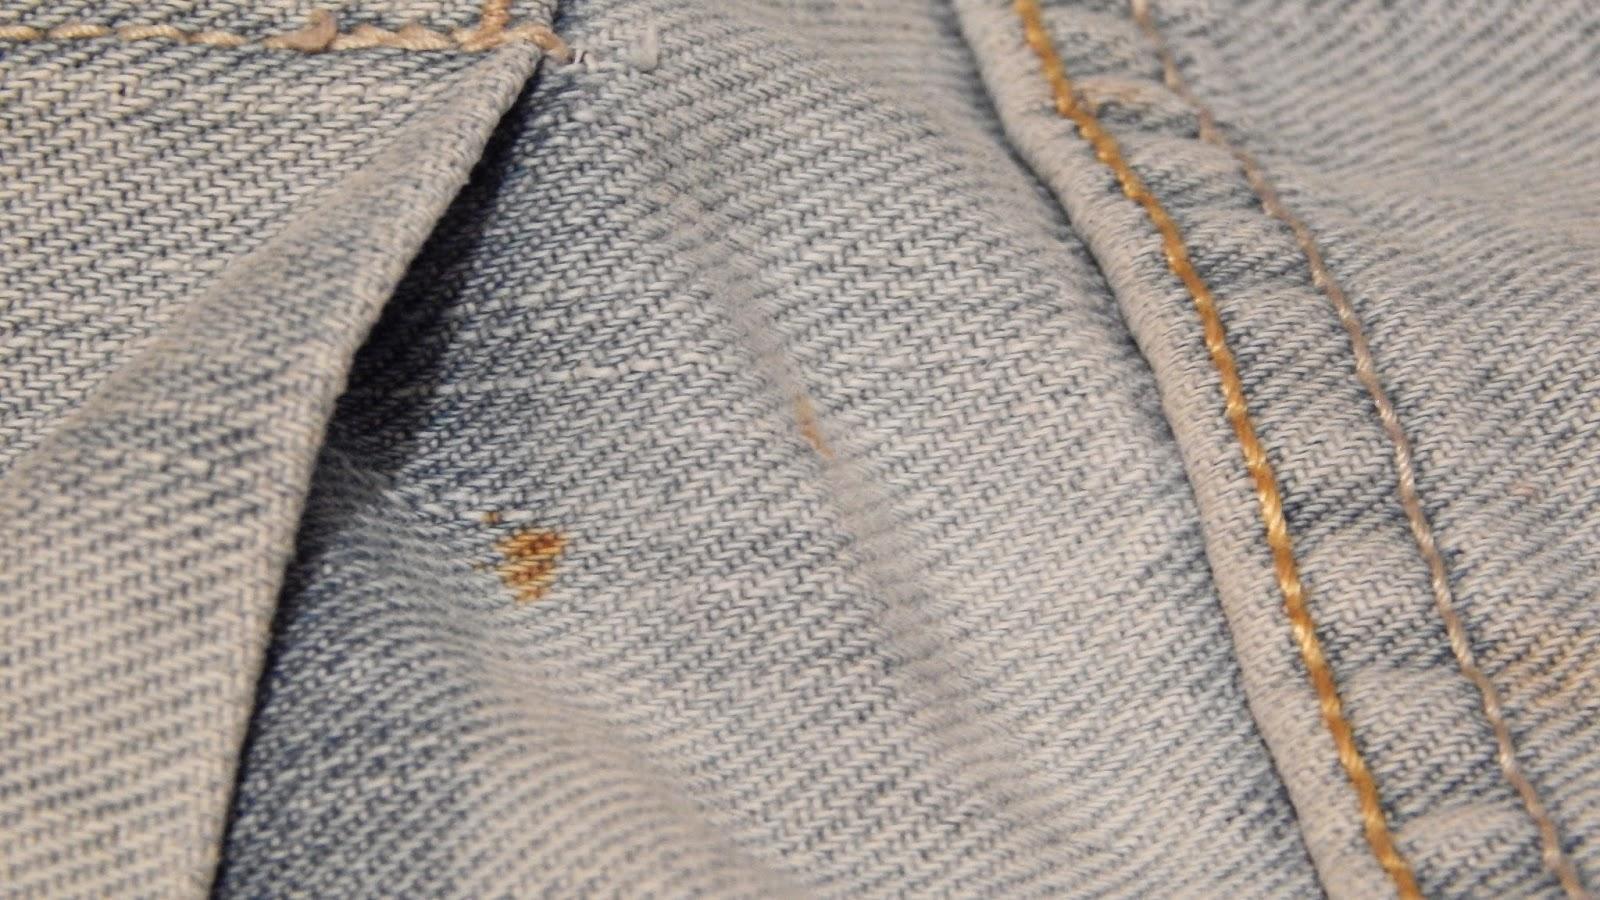 Как убрать пятна от ржавчины на одежде фото